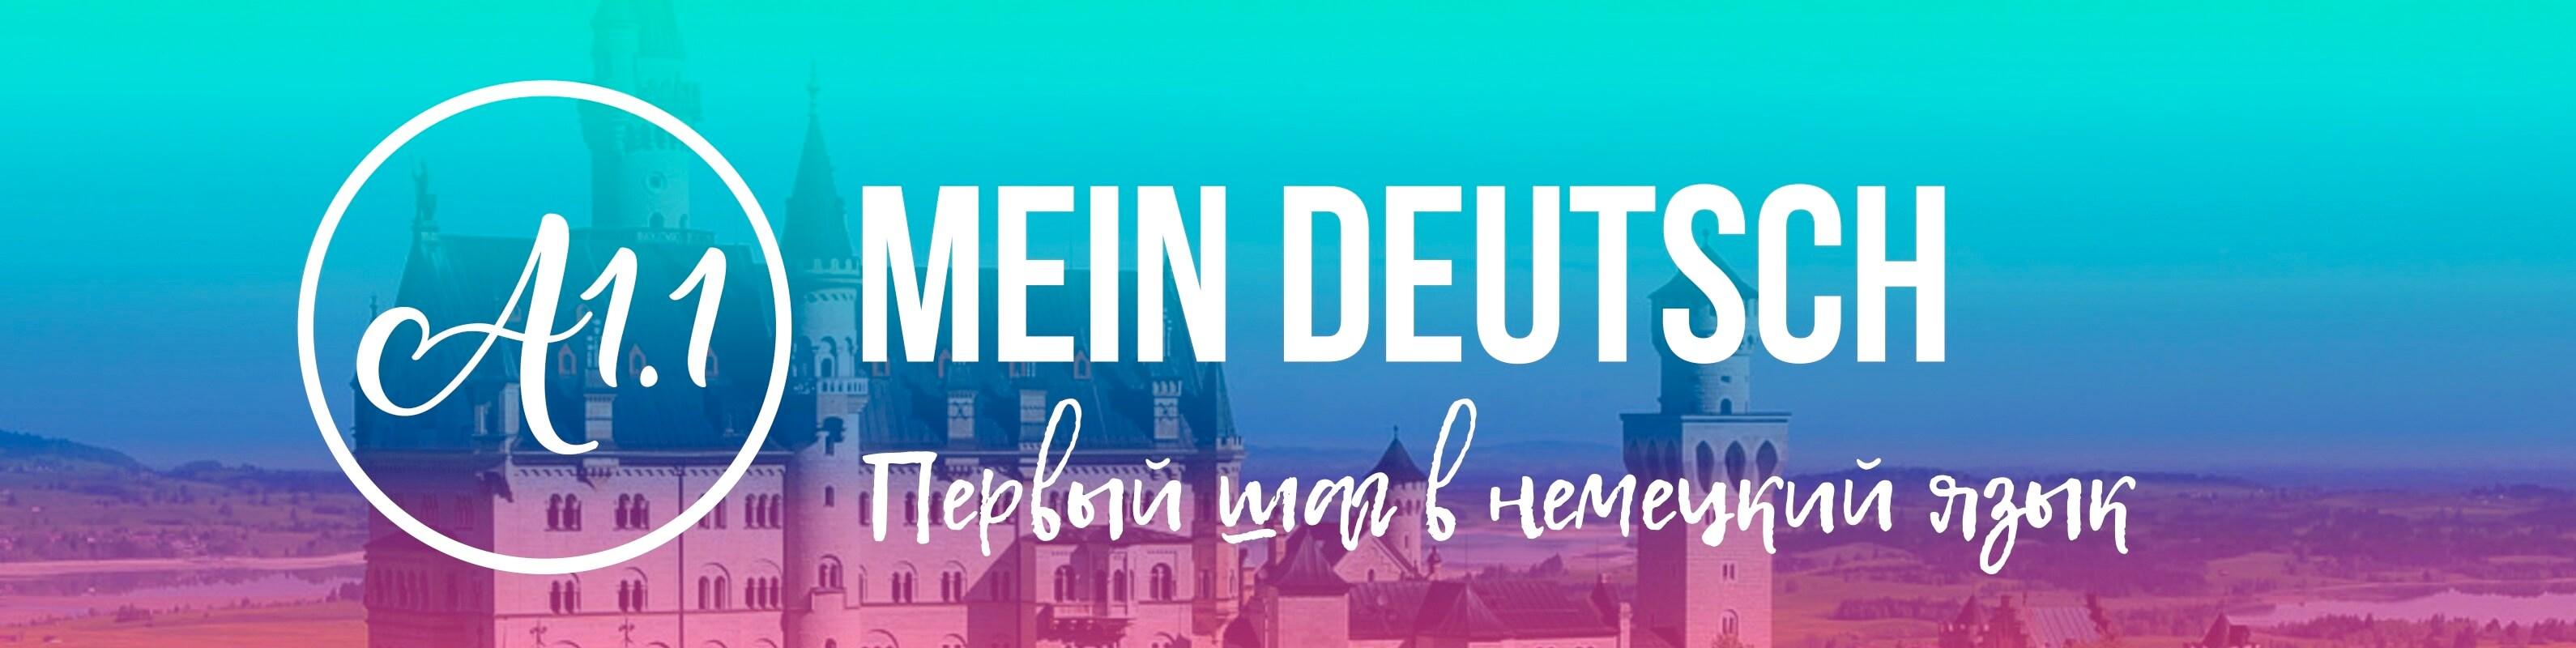 Онлайн-курс немецкого языка